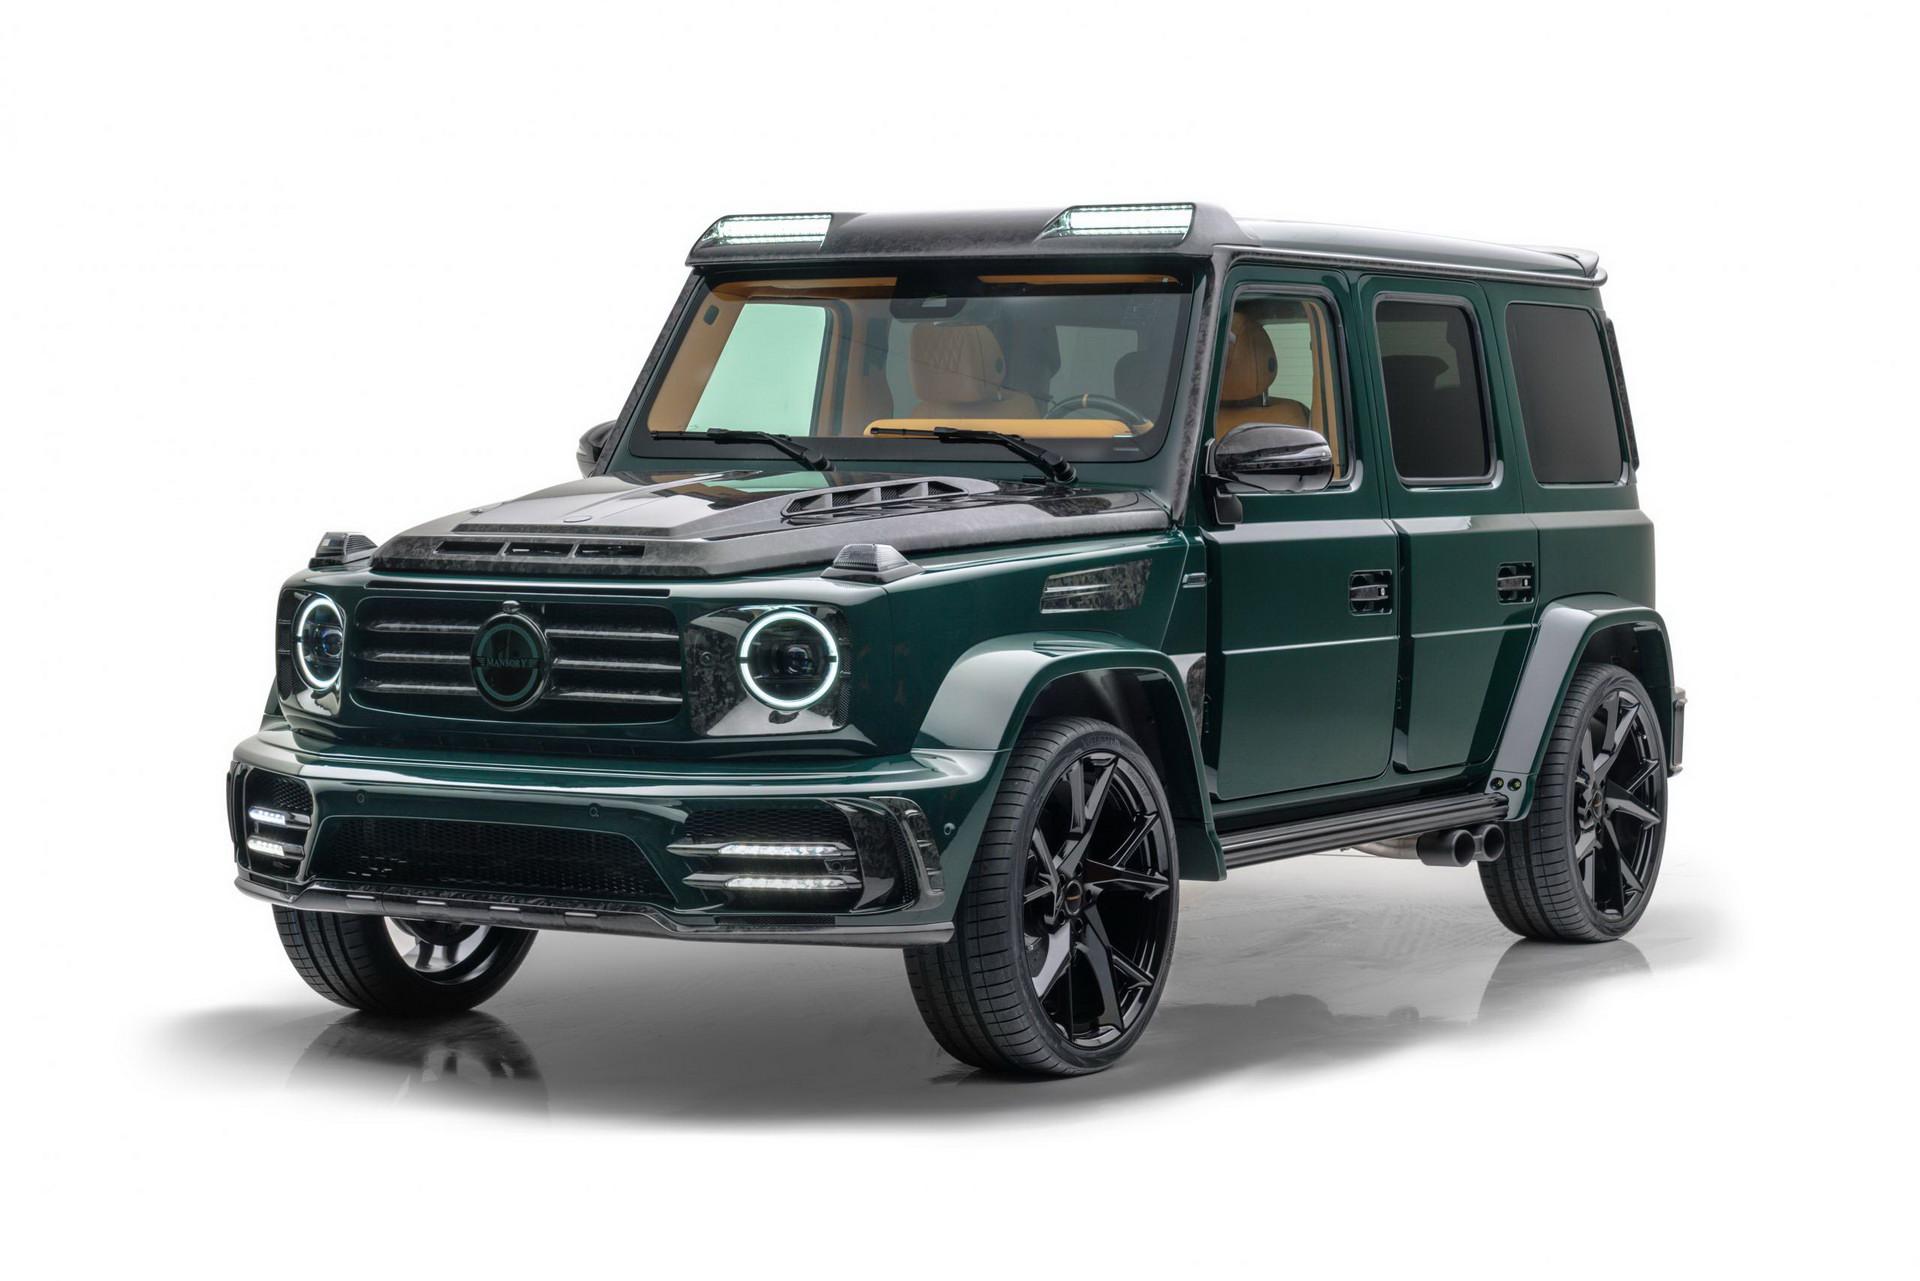 Mercedes Amg G 63 Gronos 2021 (2)